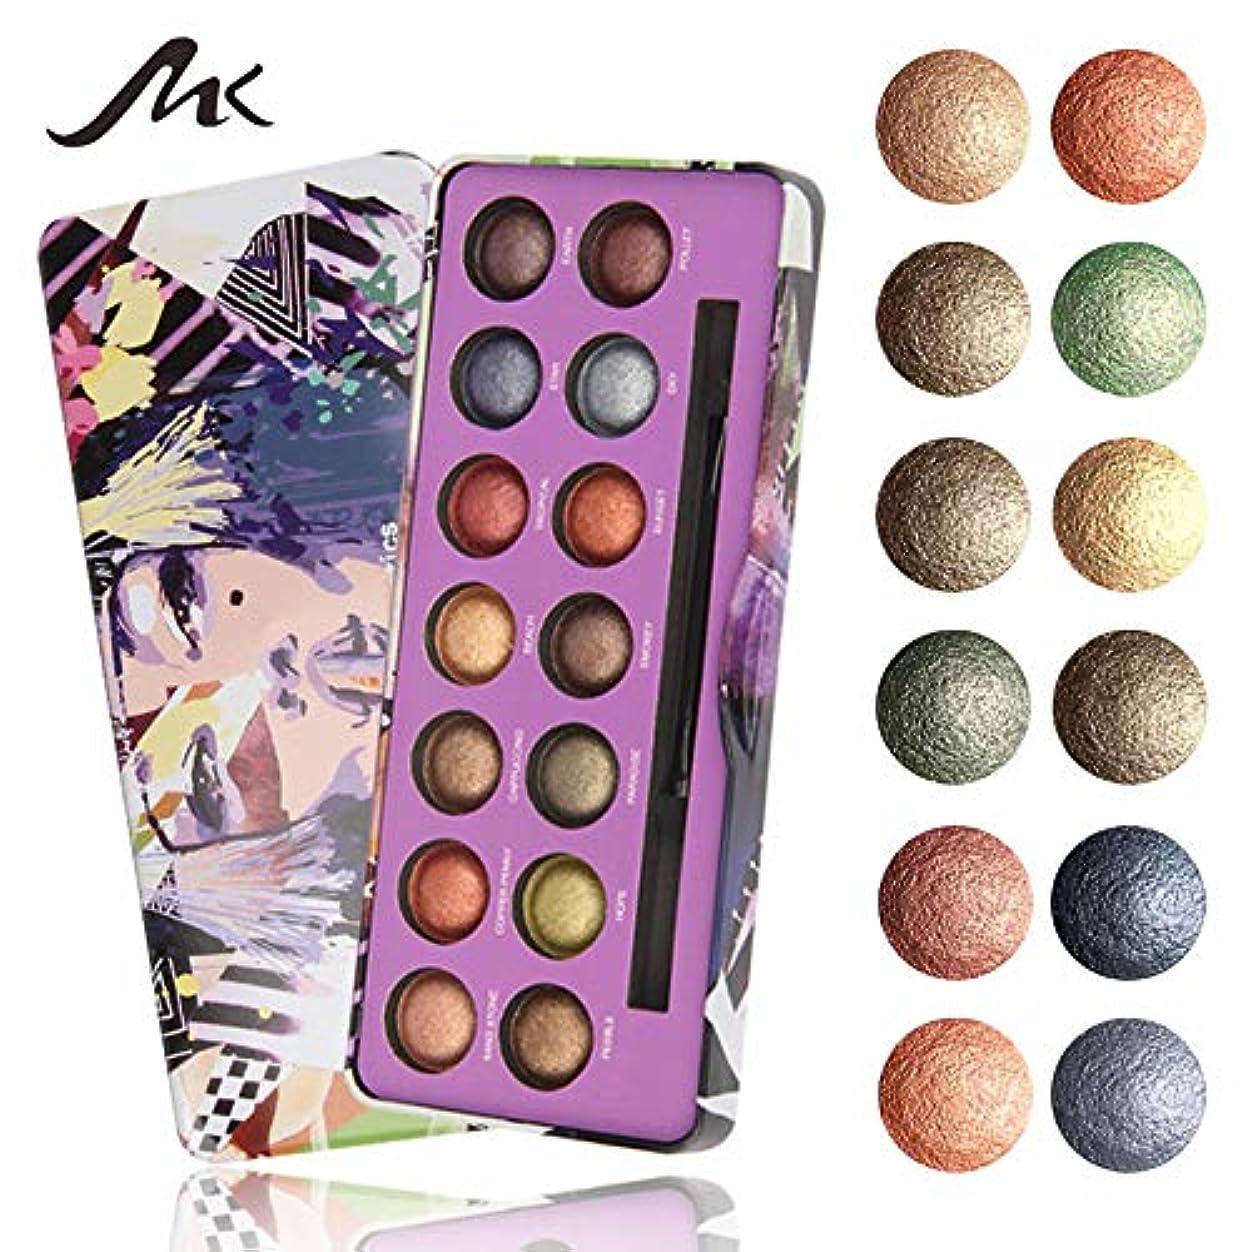 マトリックス世界の窓オリエンタルAkane アイシャドウパレット MK 綺麗 人気 気質的 真珠光沢 チャーム 魅力的 マット つや消し 長持ち ファッション 防水 おしゃれ 持ち便利 Eye Shadow (14色) 8293